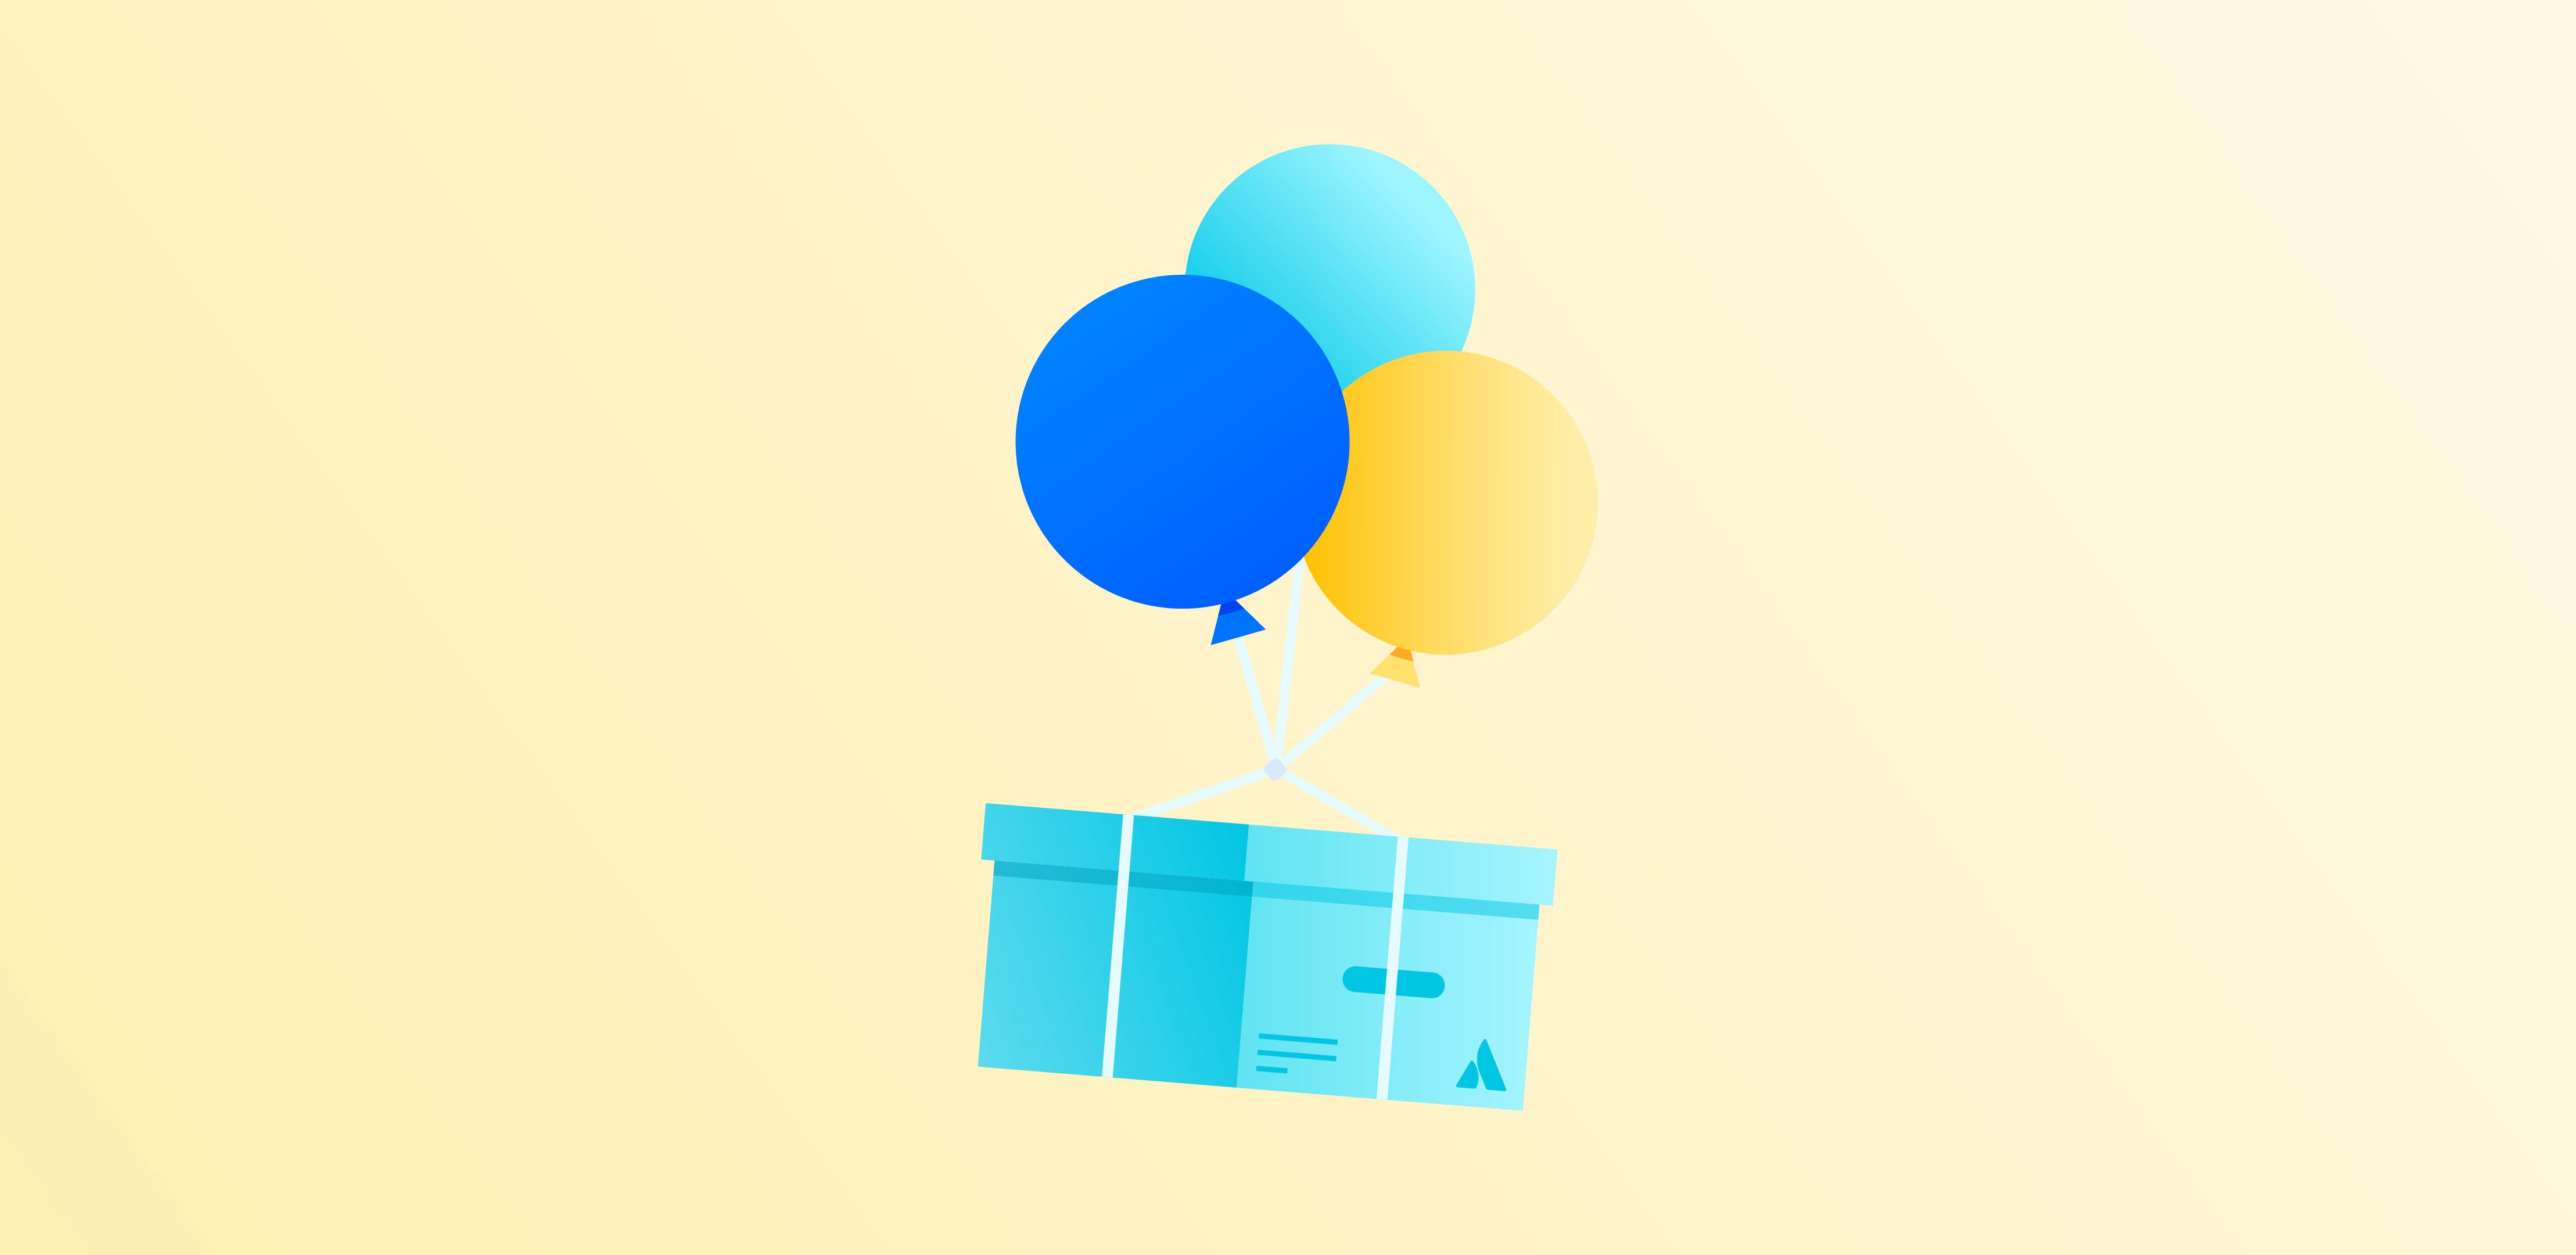 Balony przenoszące skrzynkę